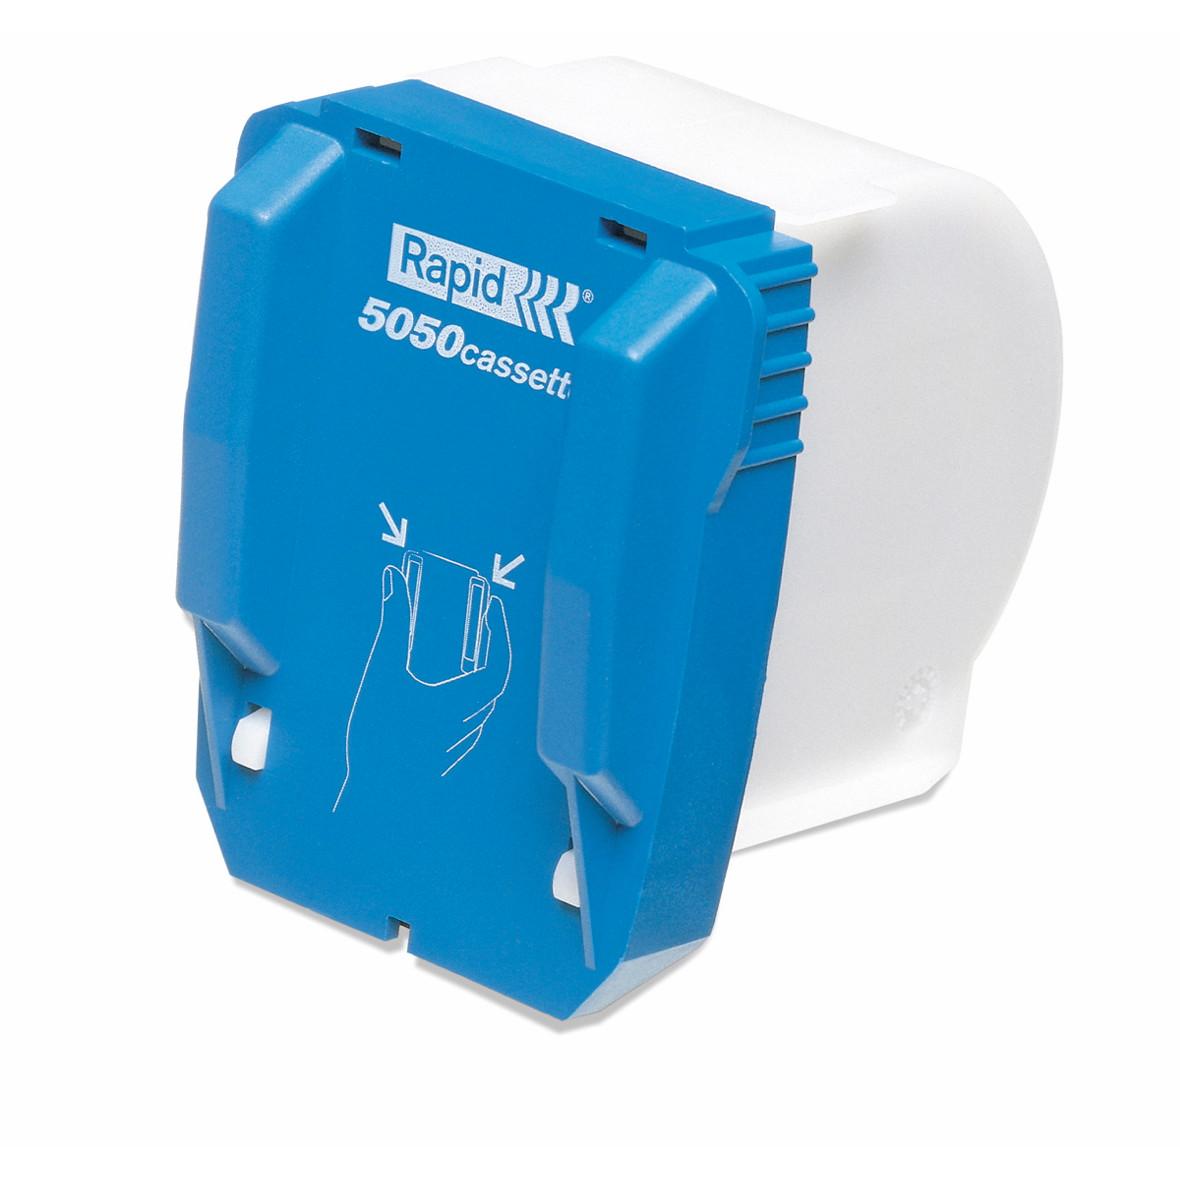 Hæfteklammekassette Rapid 5050 - 5000 stk i æsken